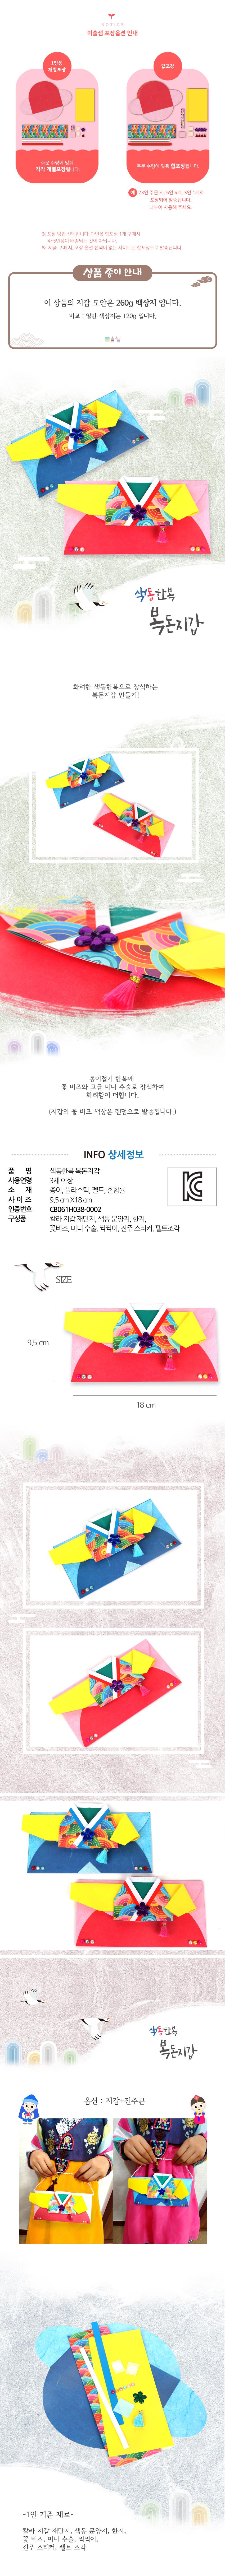 색동한복 복돈지갑_지갑+진주끈 5인용 - 미술샘, 8,500원, 종이공예/북아트, 종이공예 패키지